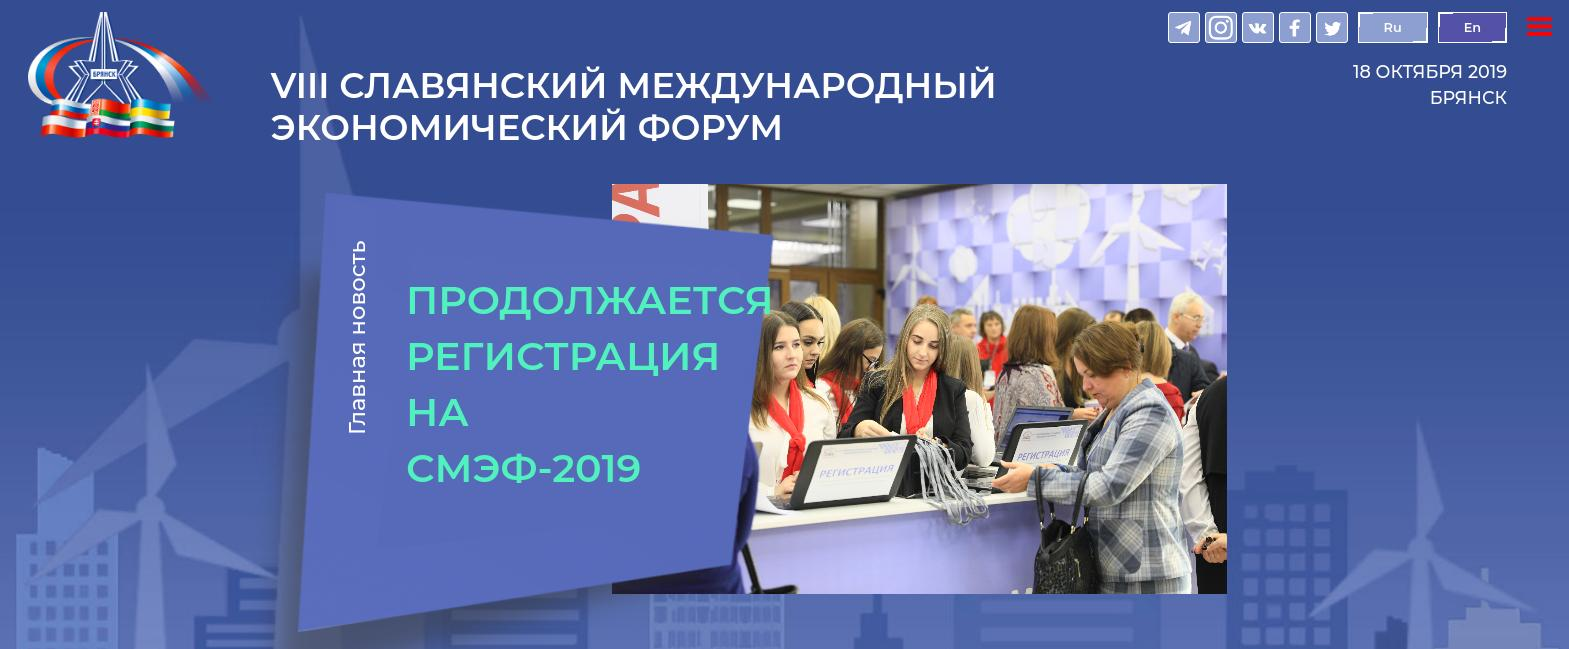 Славянский международный экономический форум 2020